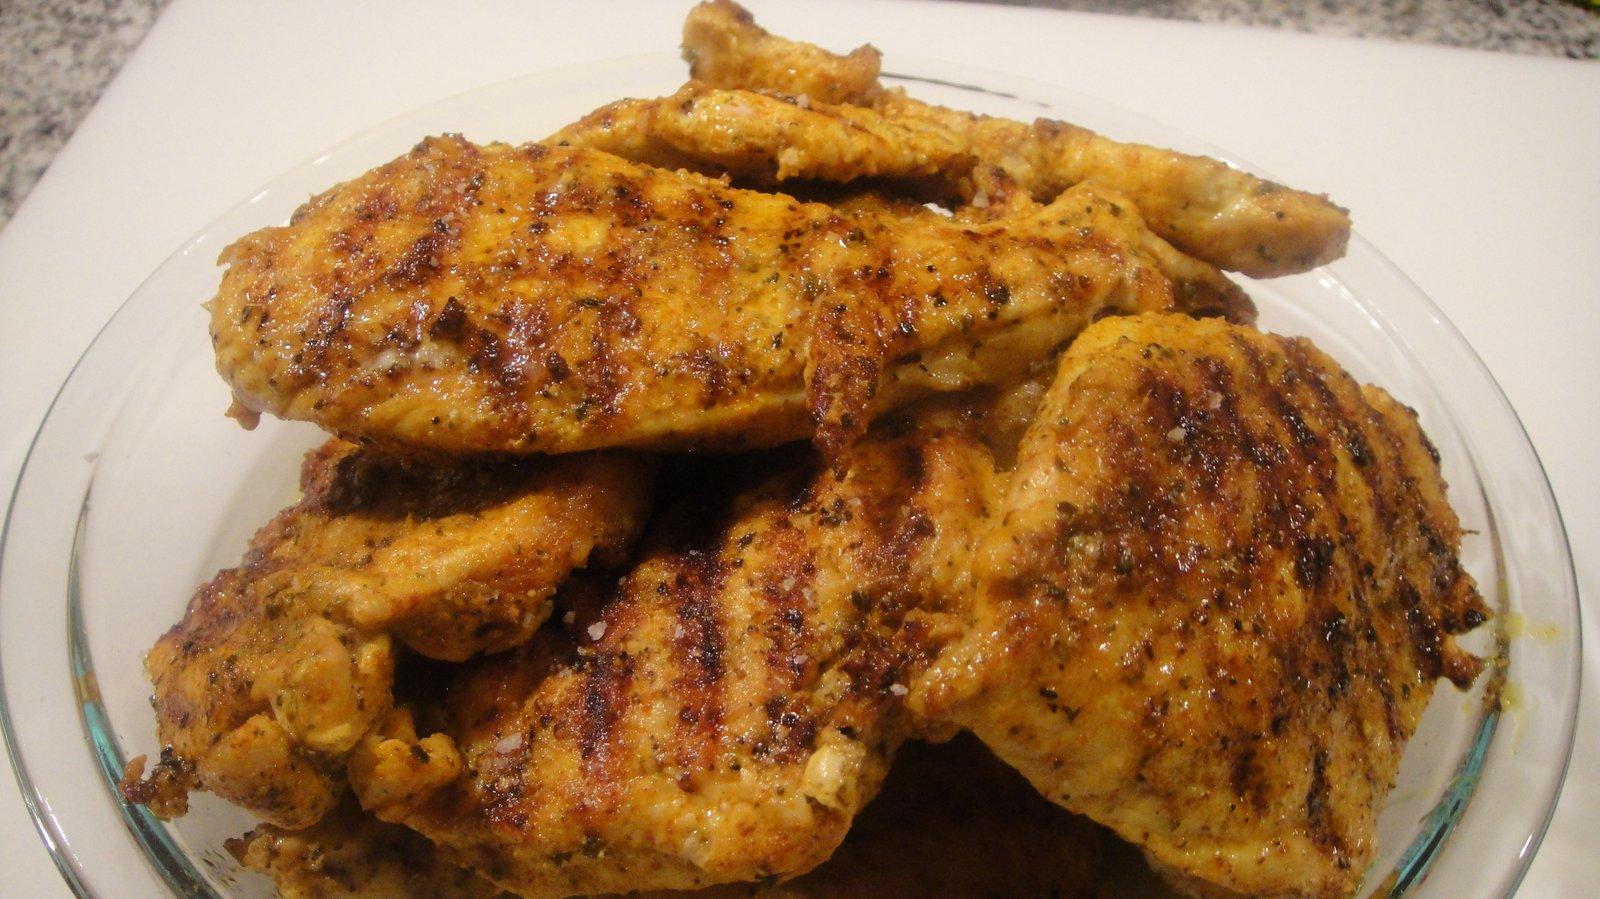 Skillet Chicken Breast Recipes - Allrecipescom